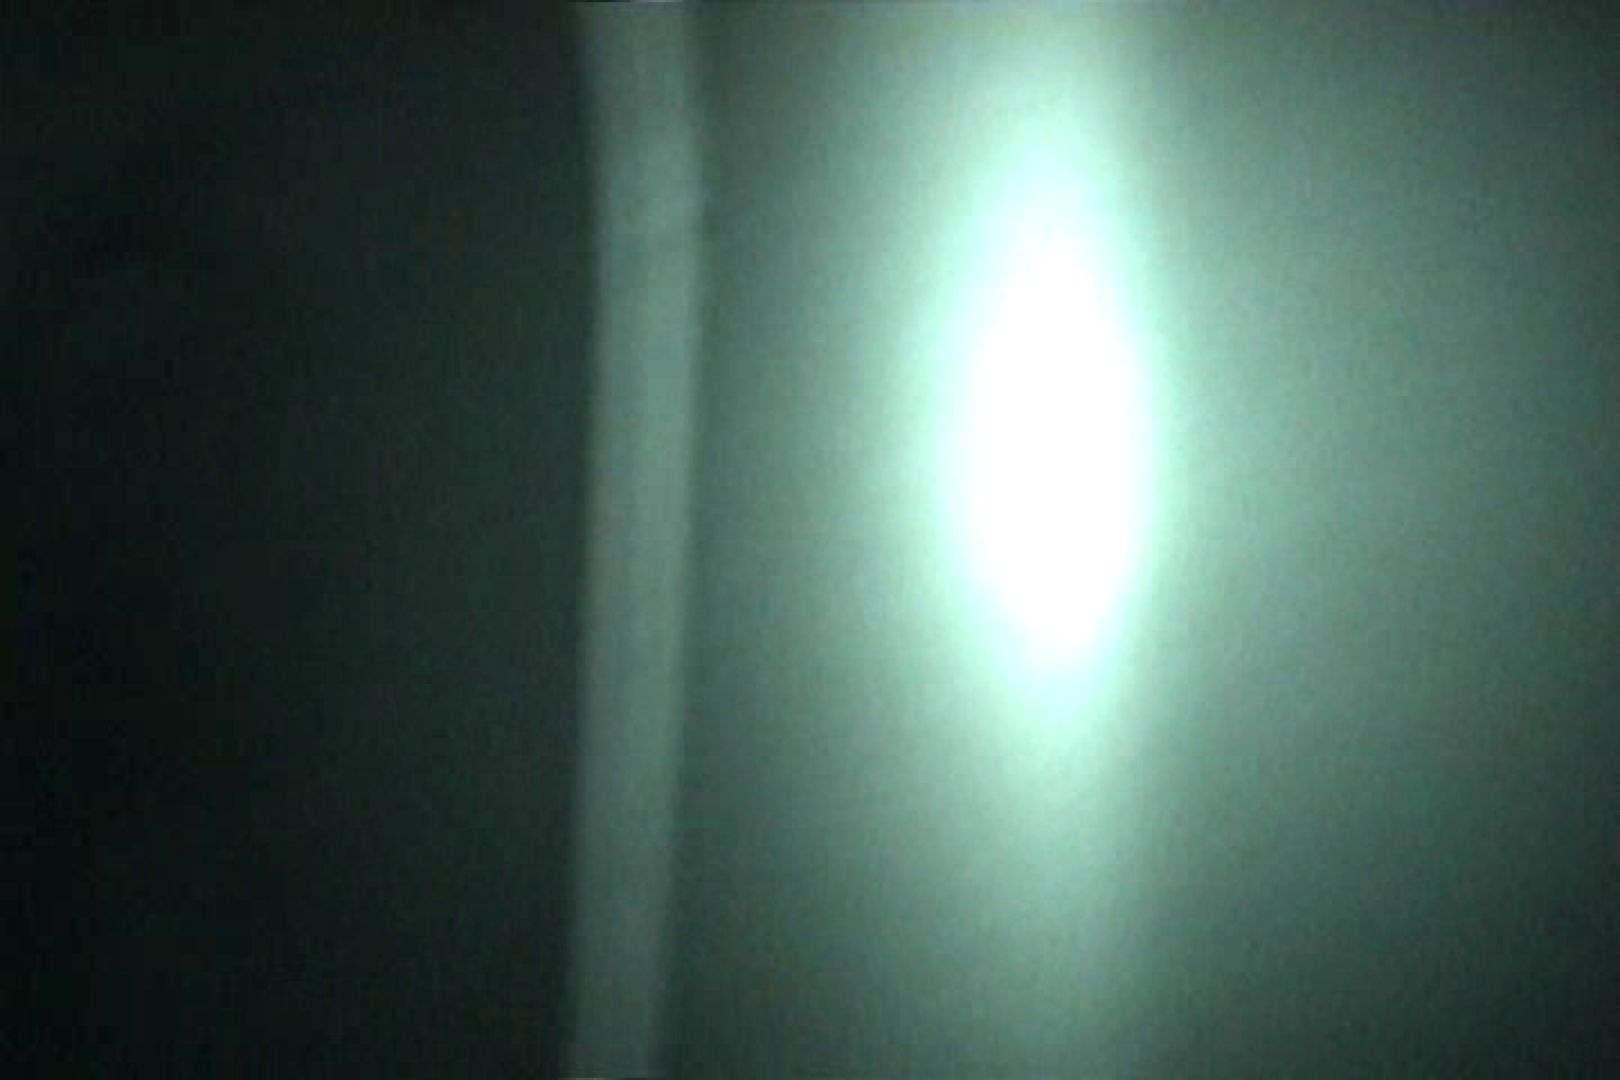 充血監督の深夜の運動会Vol.146 カップルのセックス エロ画像 94PIX 20